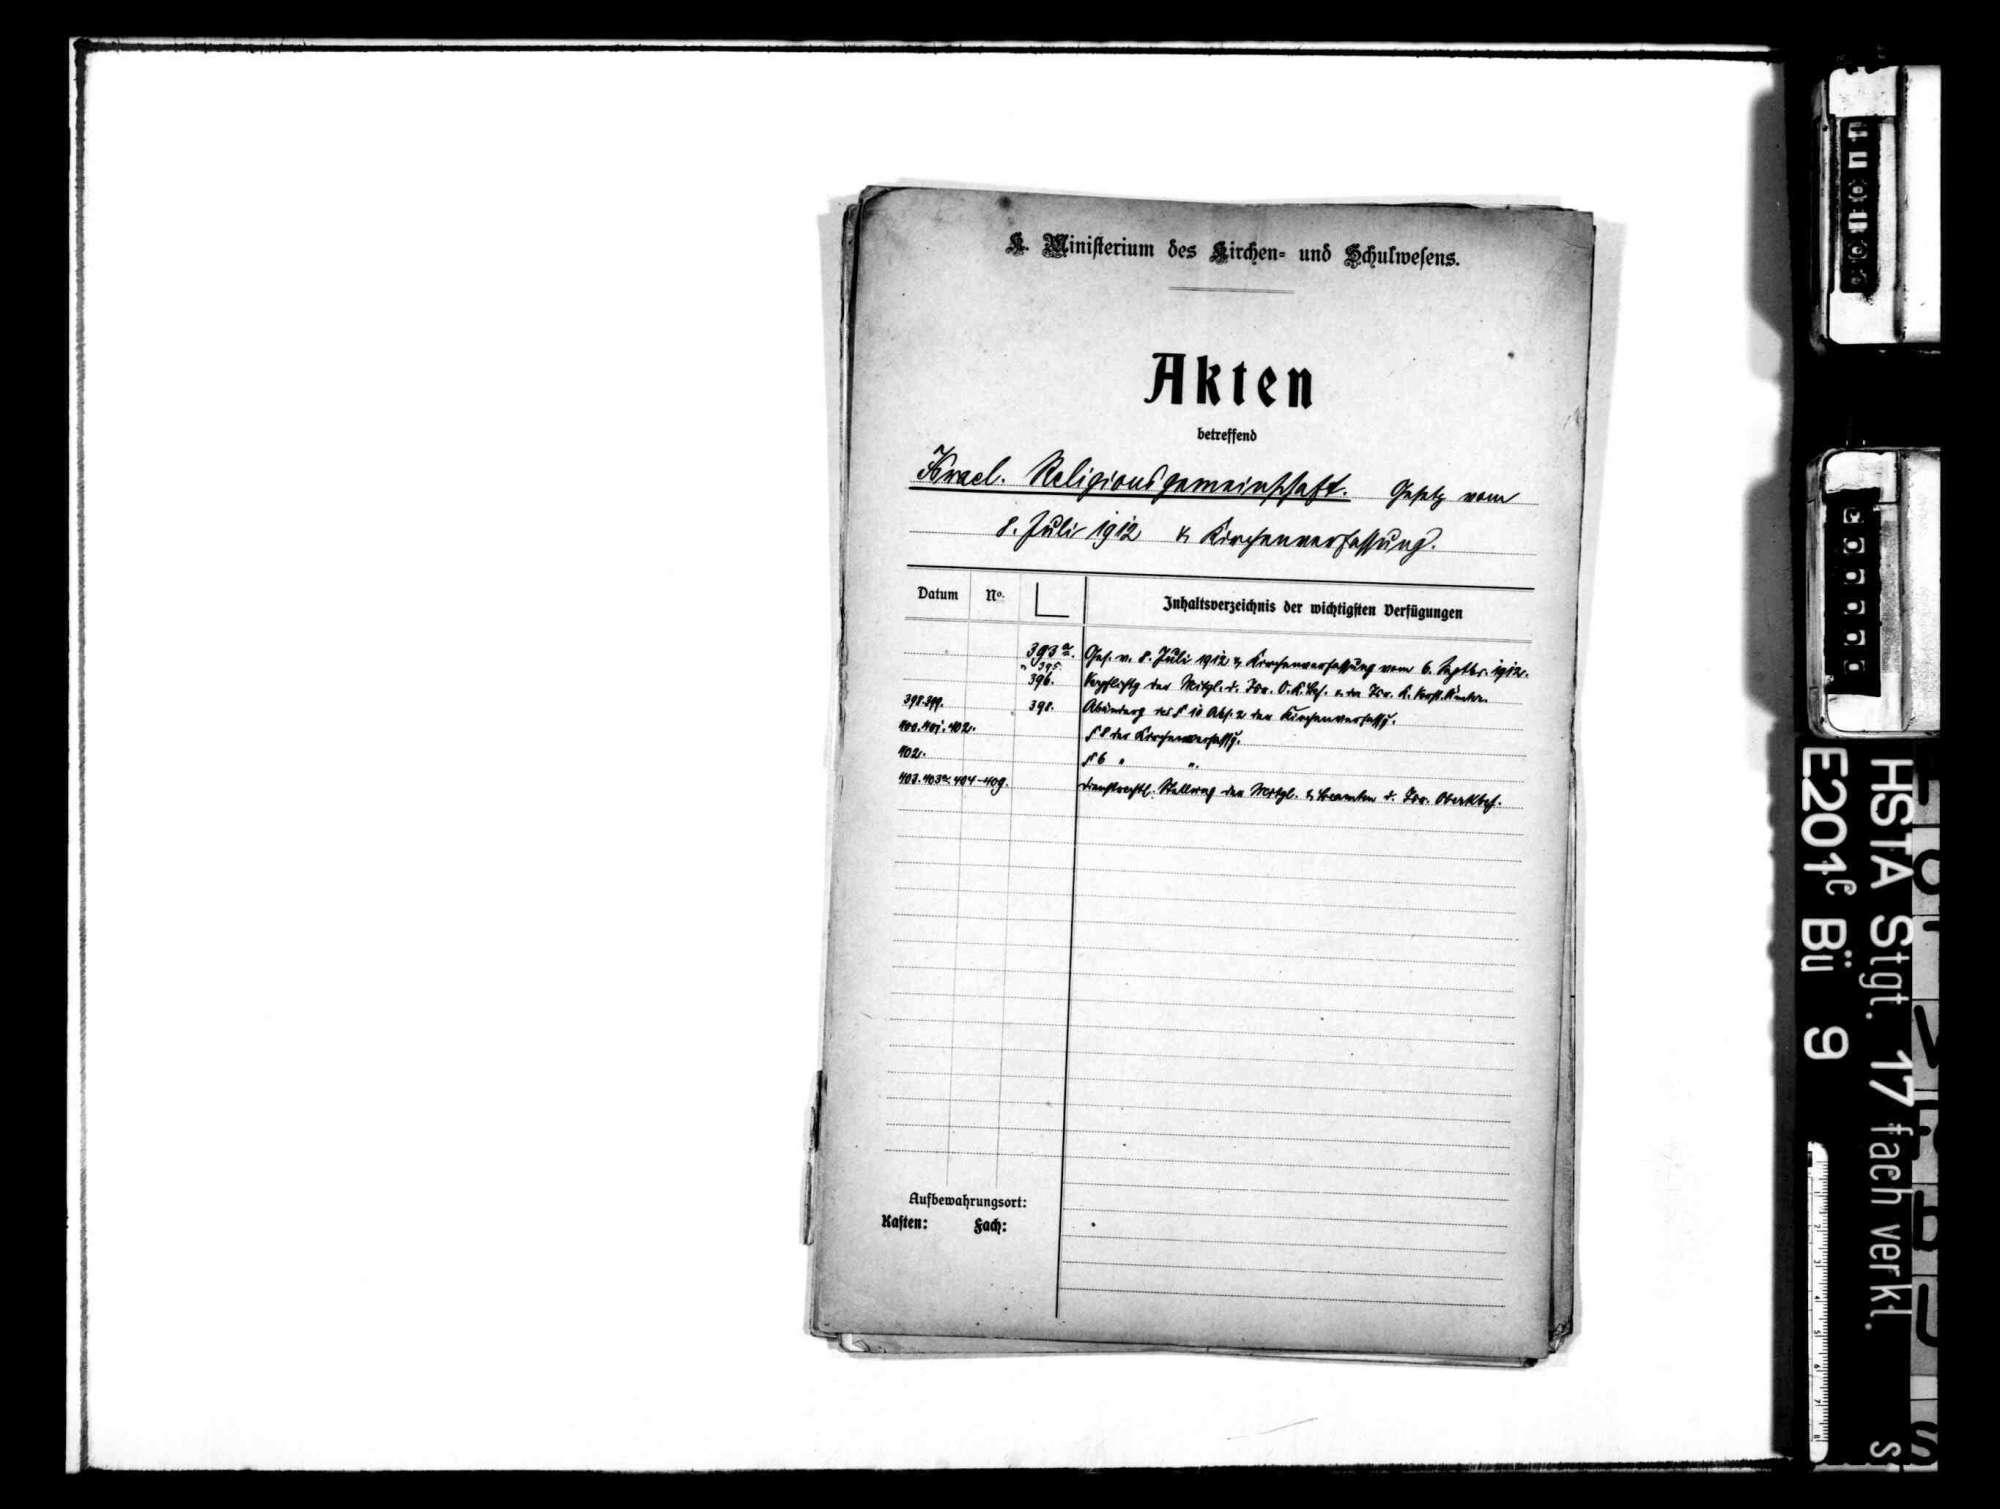 Entwurf und parlamentarische Verabschiedung des neuen Israelitengesetzes vom 8. Juli 1912 und Neuorganisation der israelitischen Kirchenverfassung, Bild 1